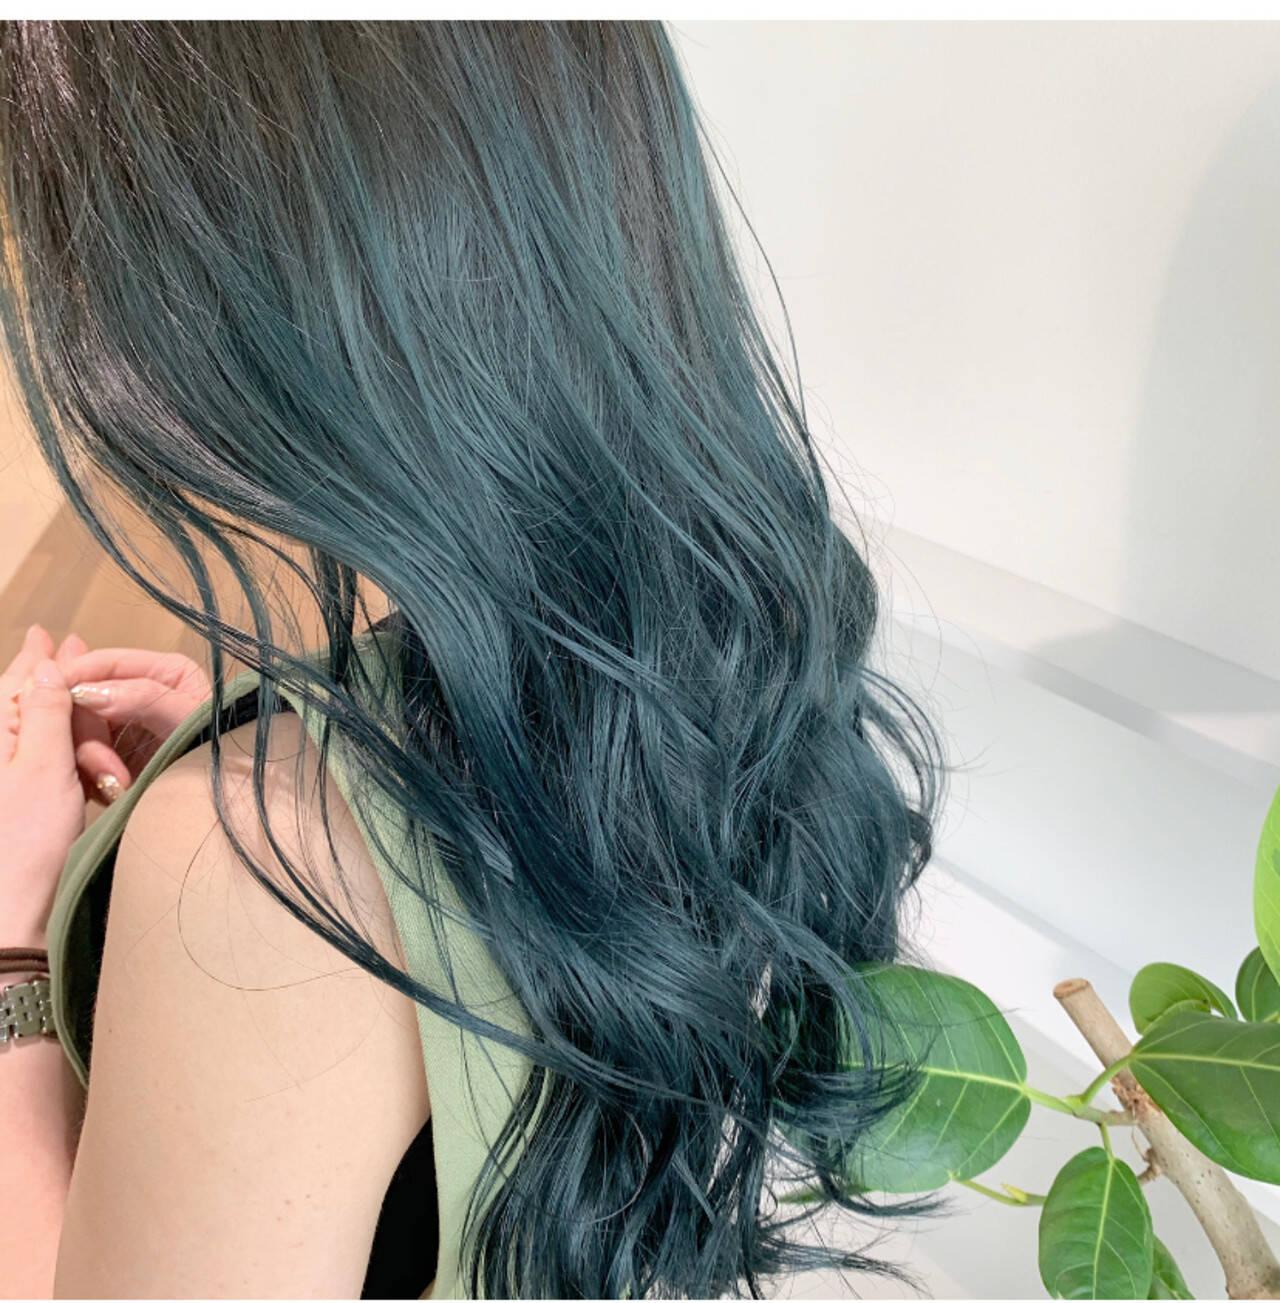 グリーン インナーグリーン ロング エメラルドグリーンカラーヘアスタイルや髪型の写真・画像